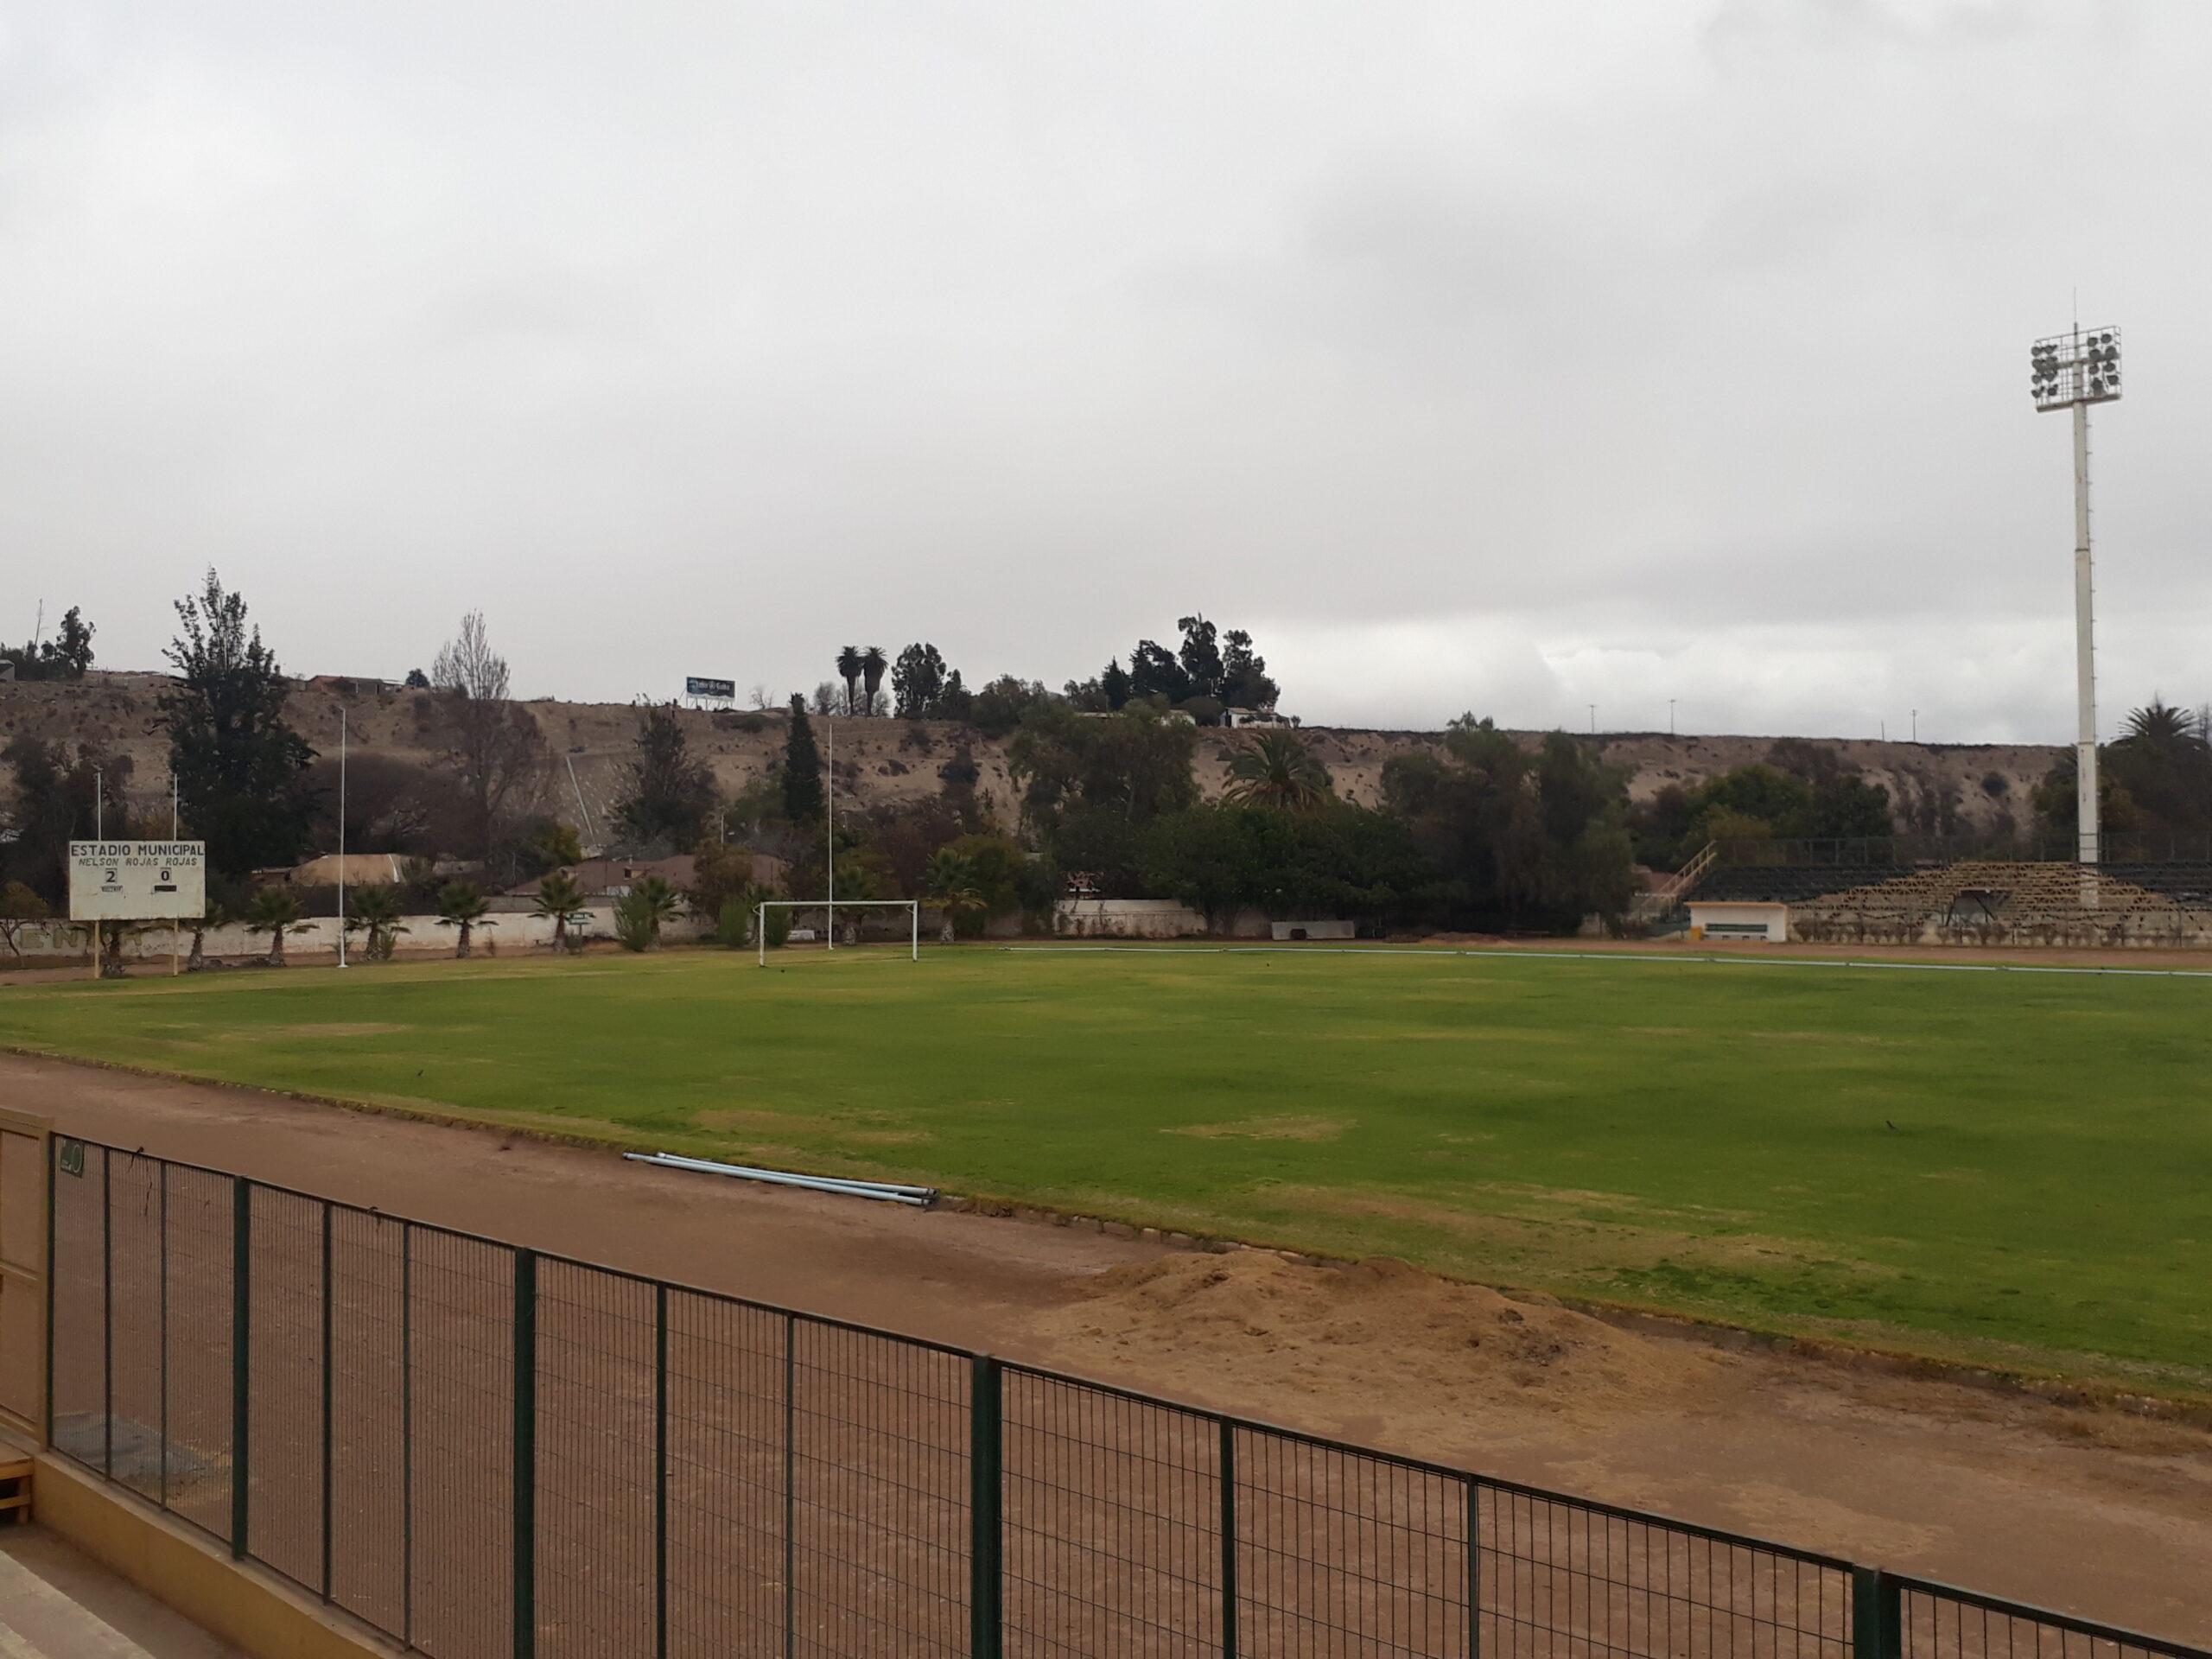 Deportes Vallenar también cambio el nombre: Presentan antecedentes solicitados en Cuaderno de Cargos para ser parte de Tercera División